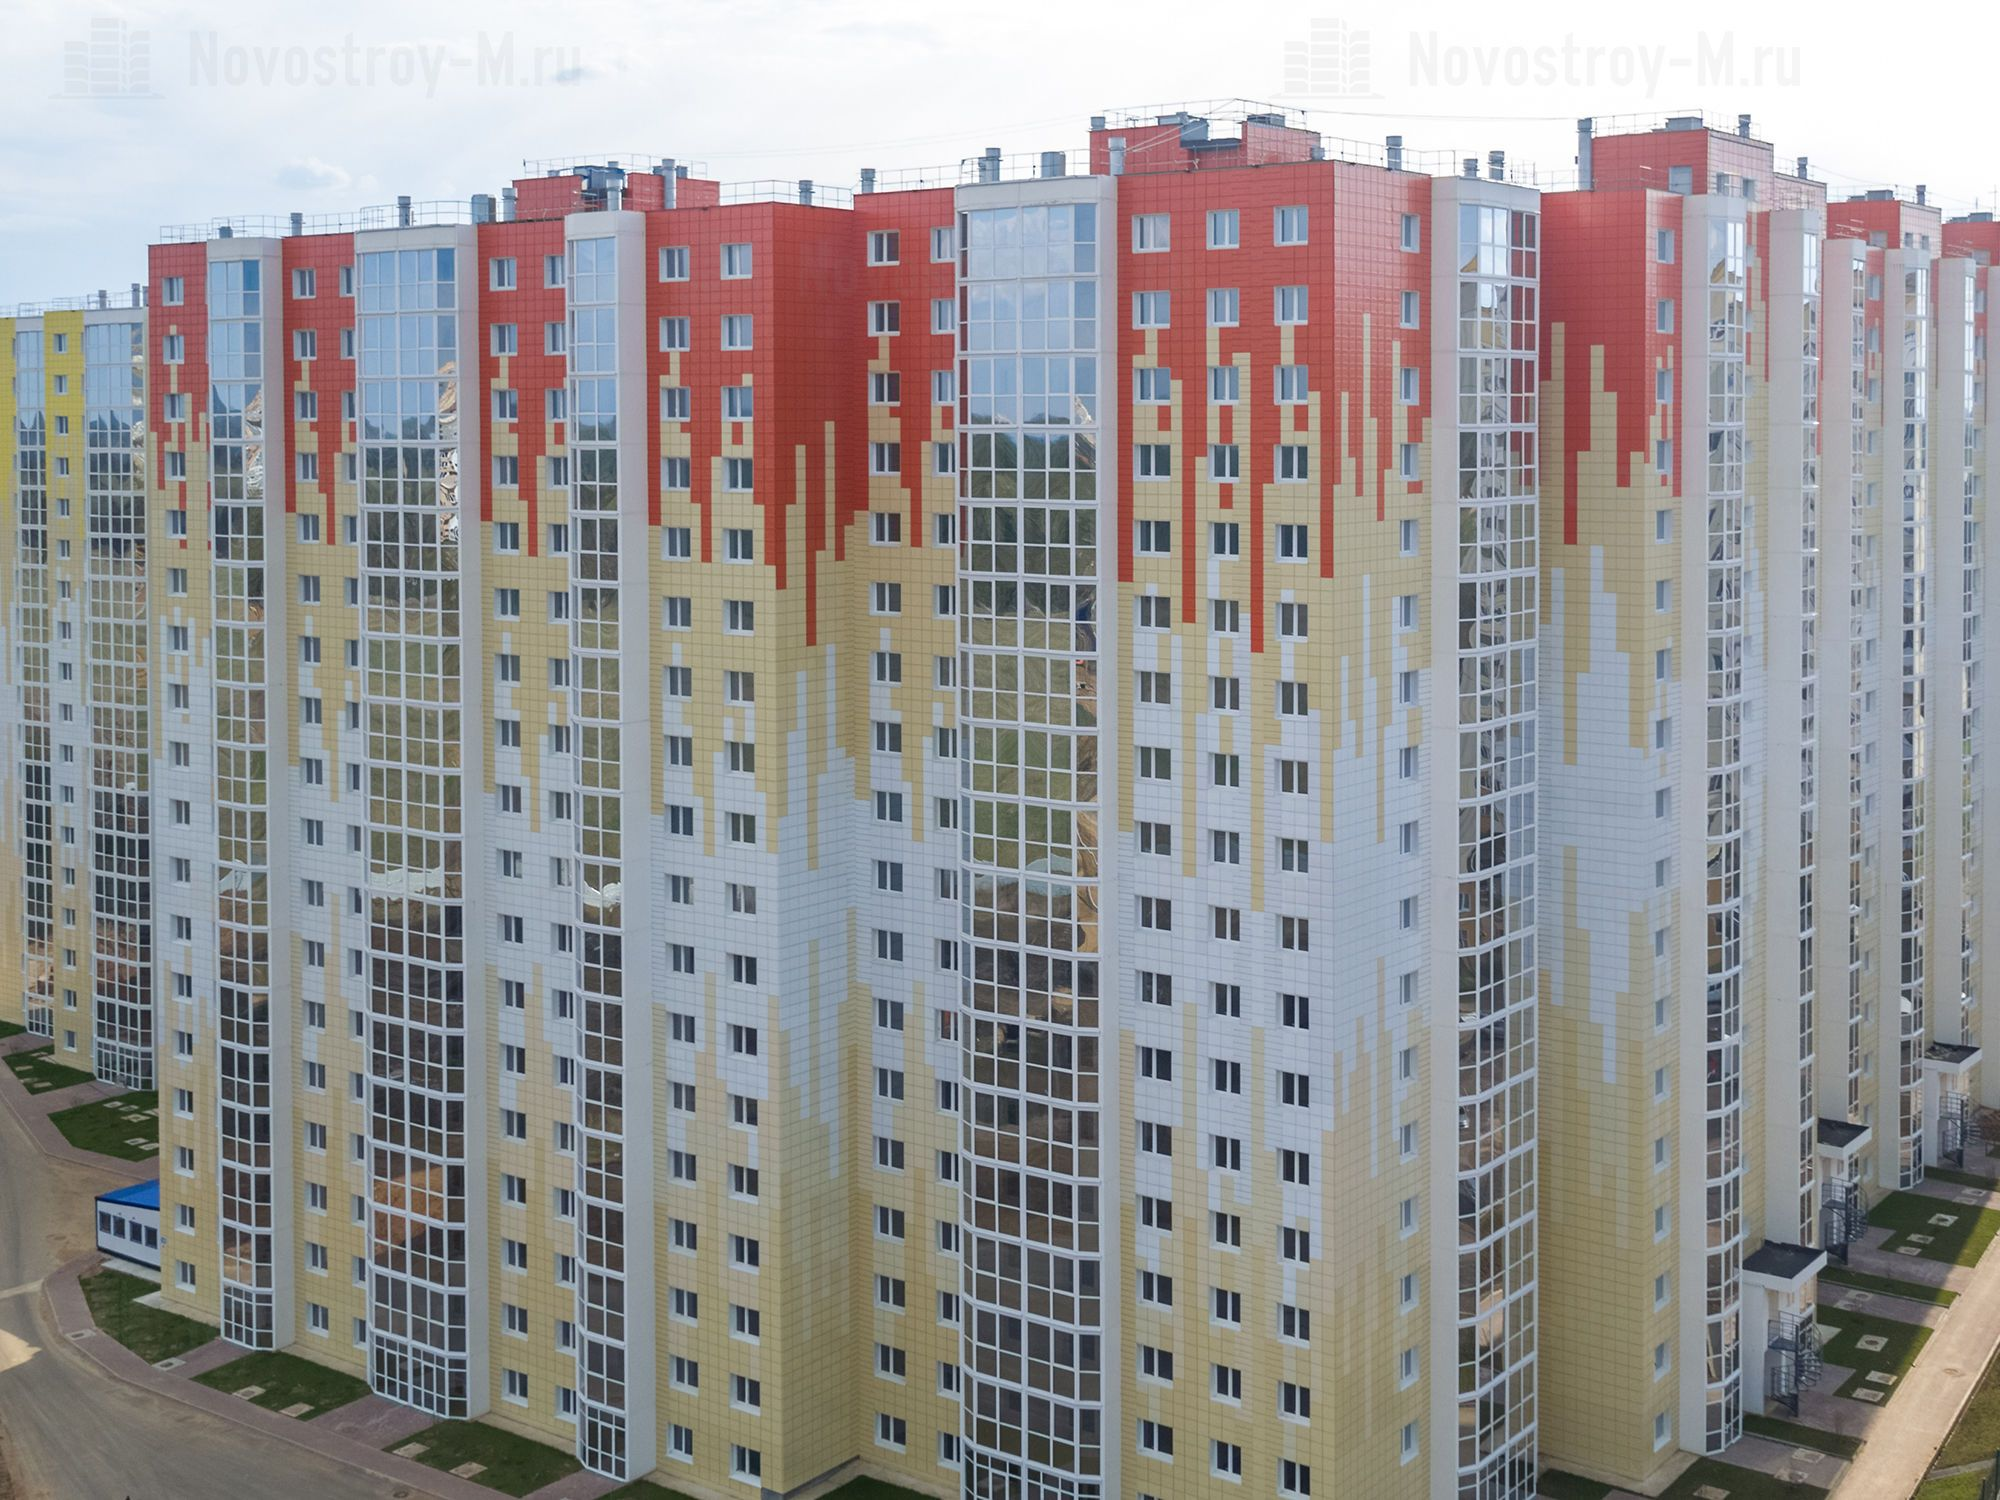 Konut dışı binalarda yeniden yapılanma özellikleri